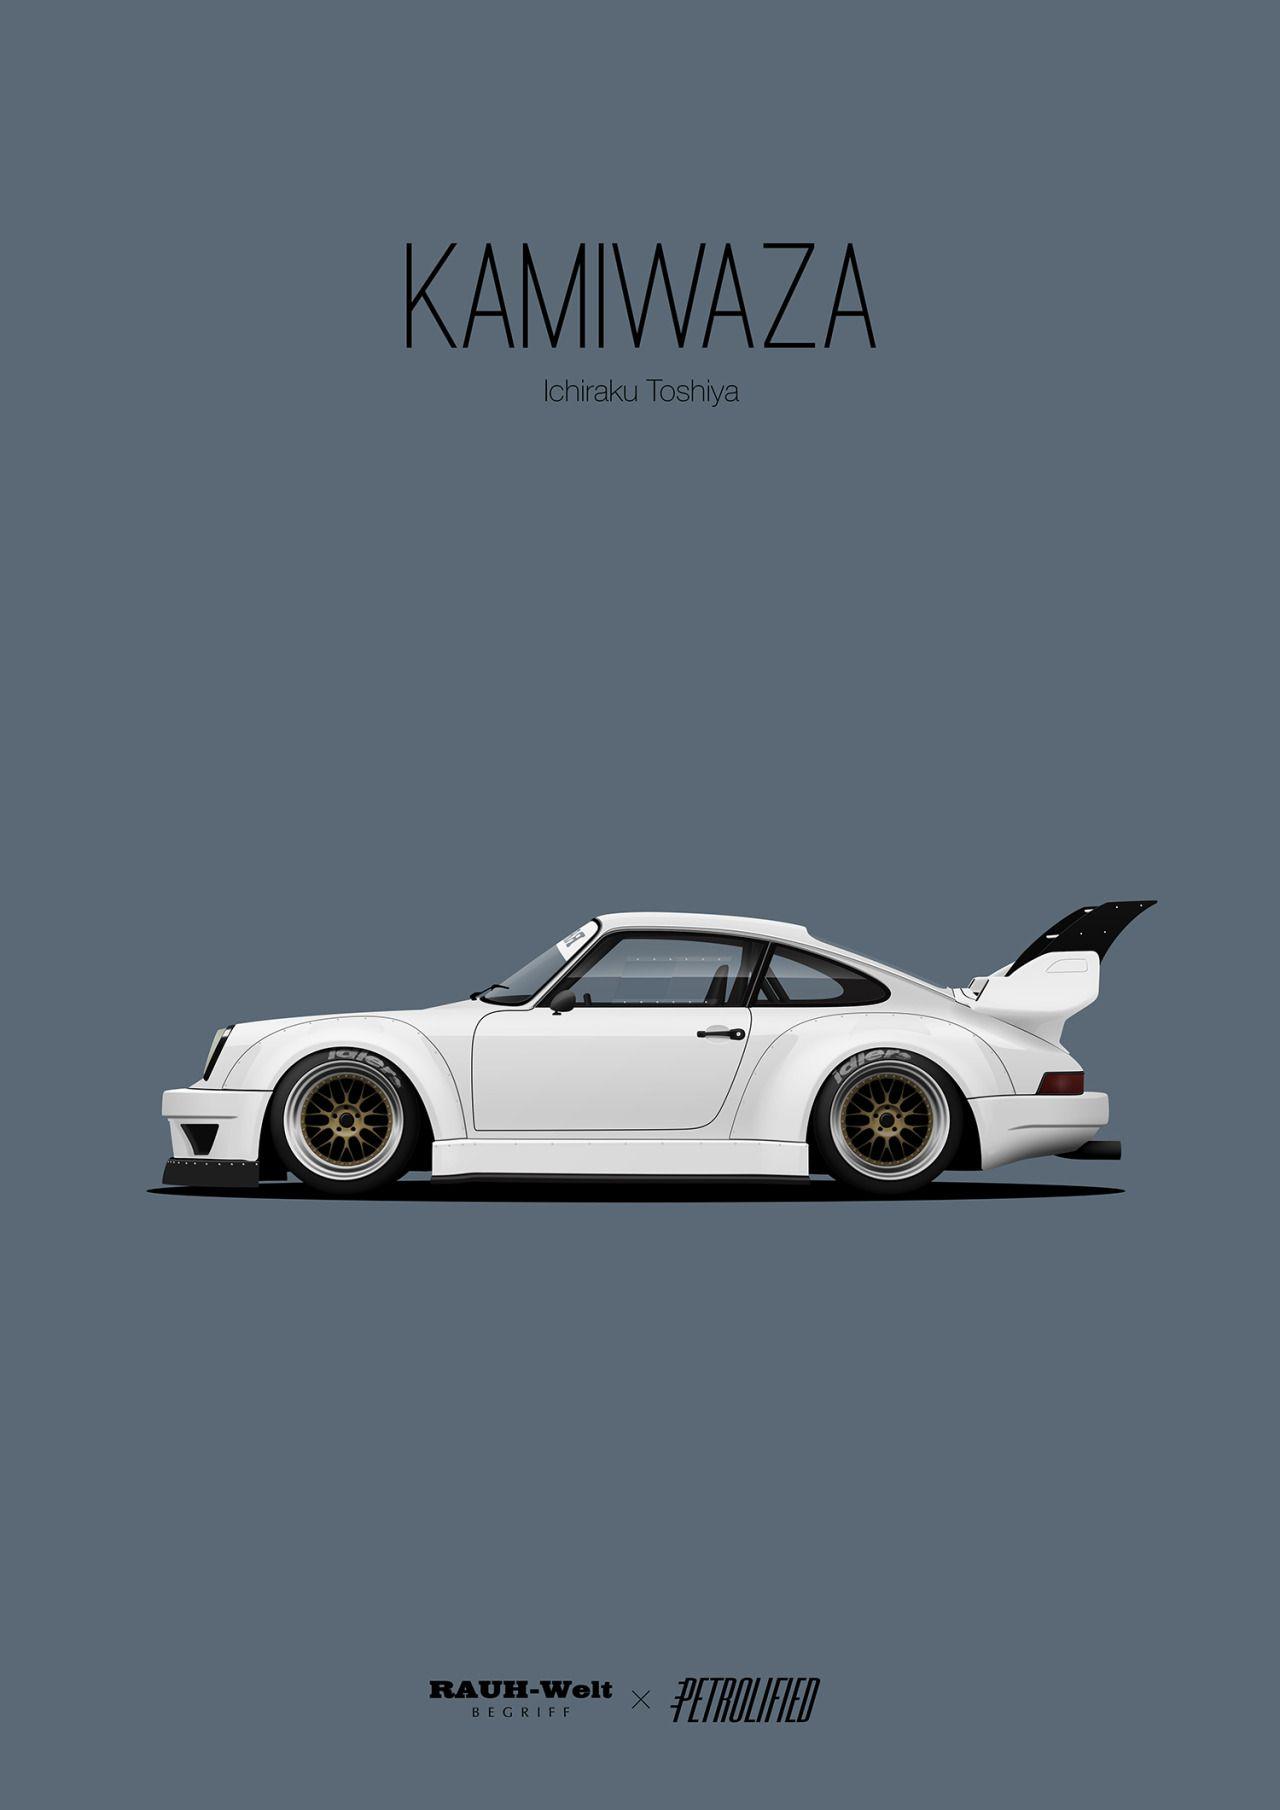 rwb Tumblr Art cars Porsche Automotive artwork 1280x1810